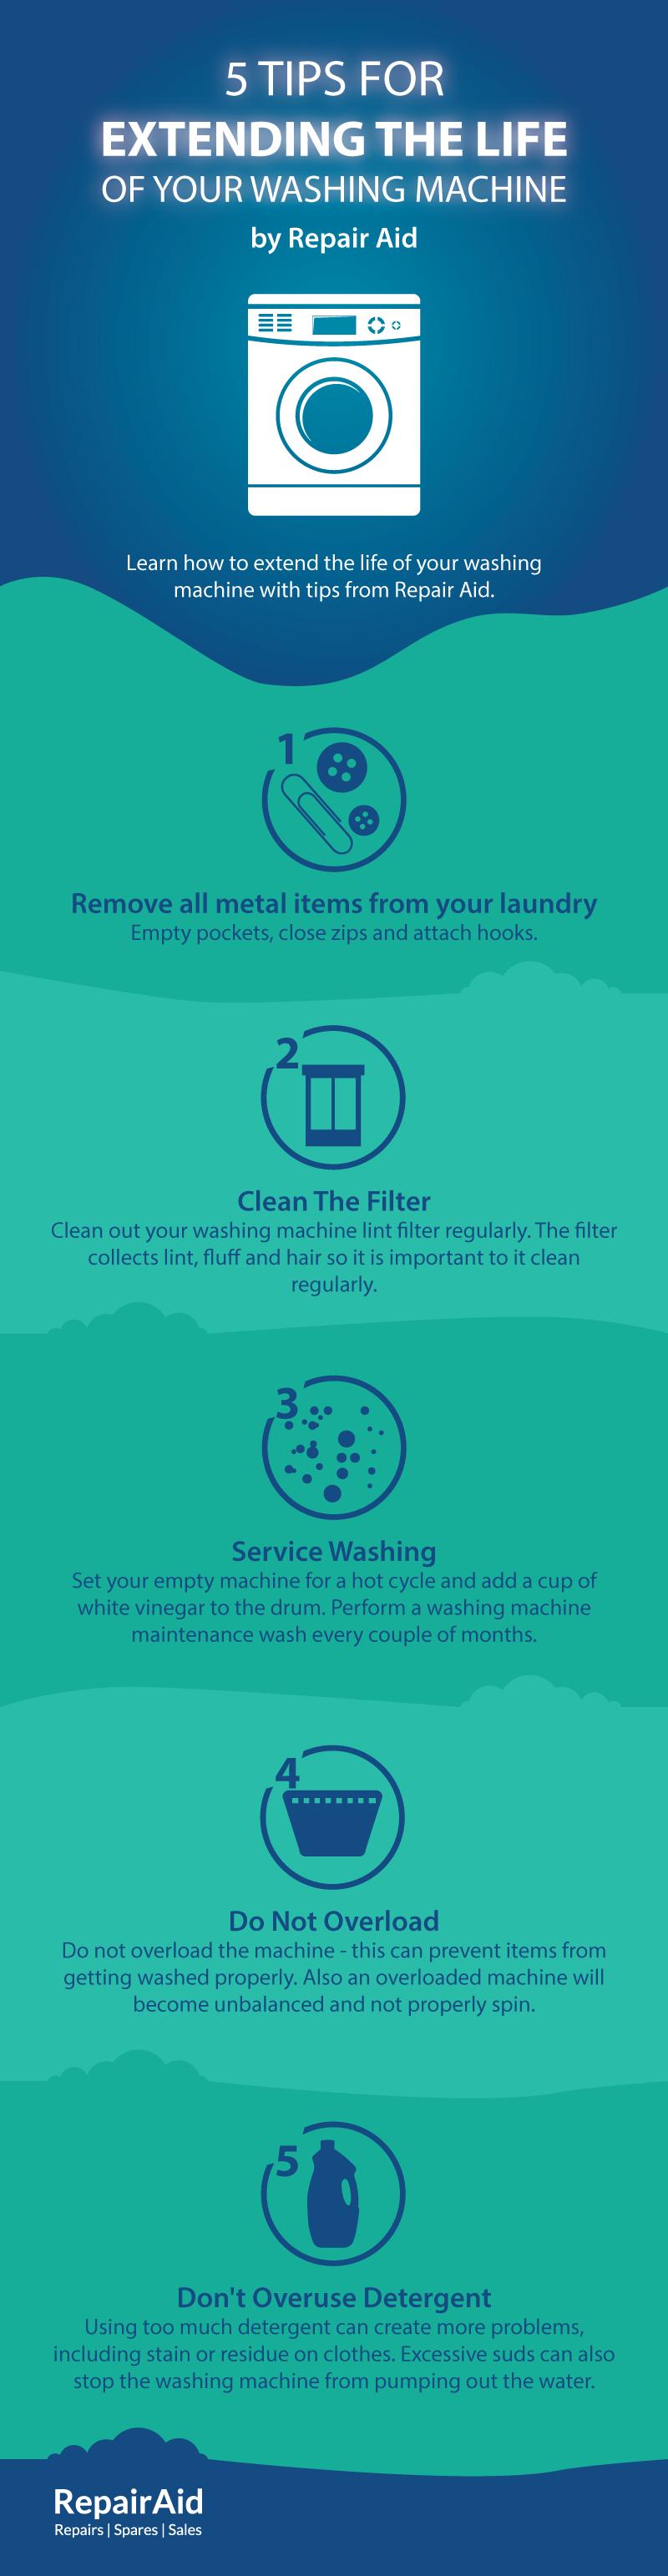 5 consejos para prolongar la vida útil de su lavadora